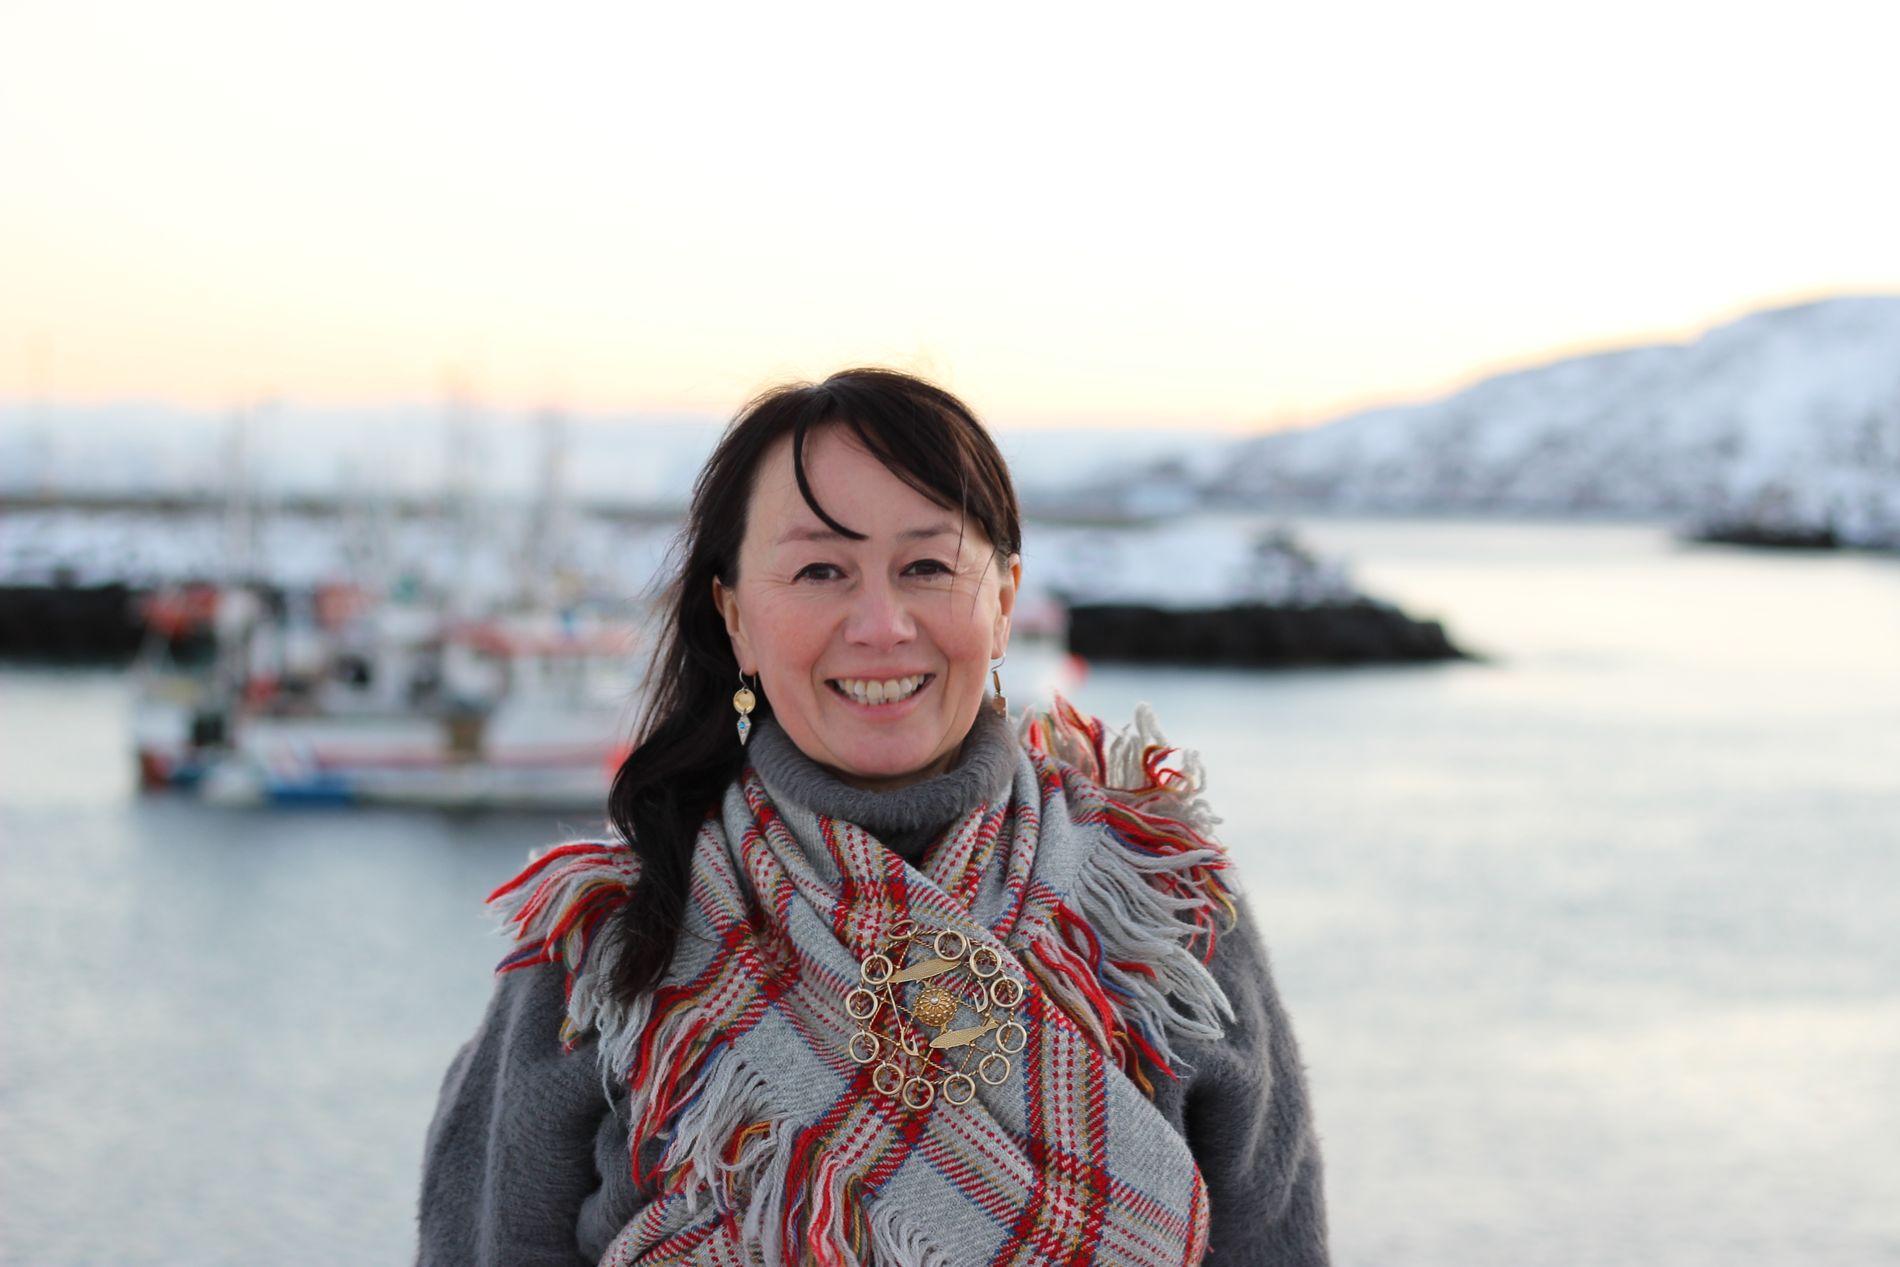 APPLAUDERER LOKALSAMFUNNET: Måsøy-ordfører Reidun Mortensen (Sp) setter pris på at lokalbefolkningen tar vare på hverandre.